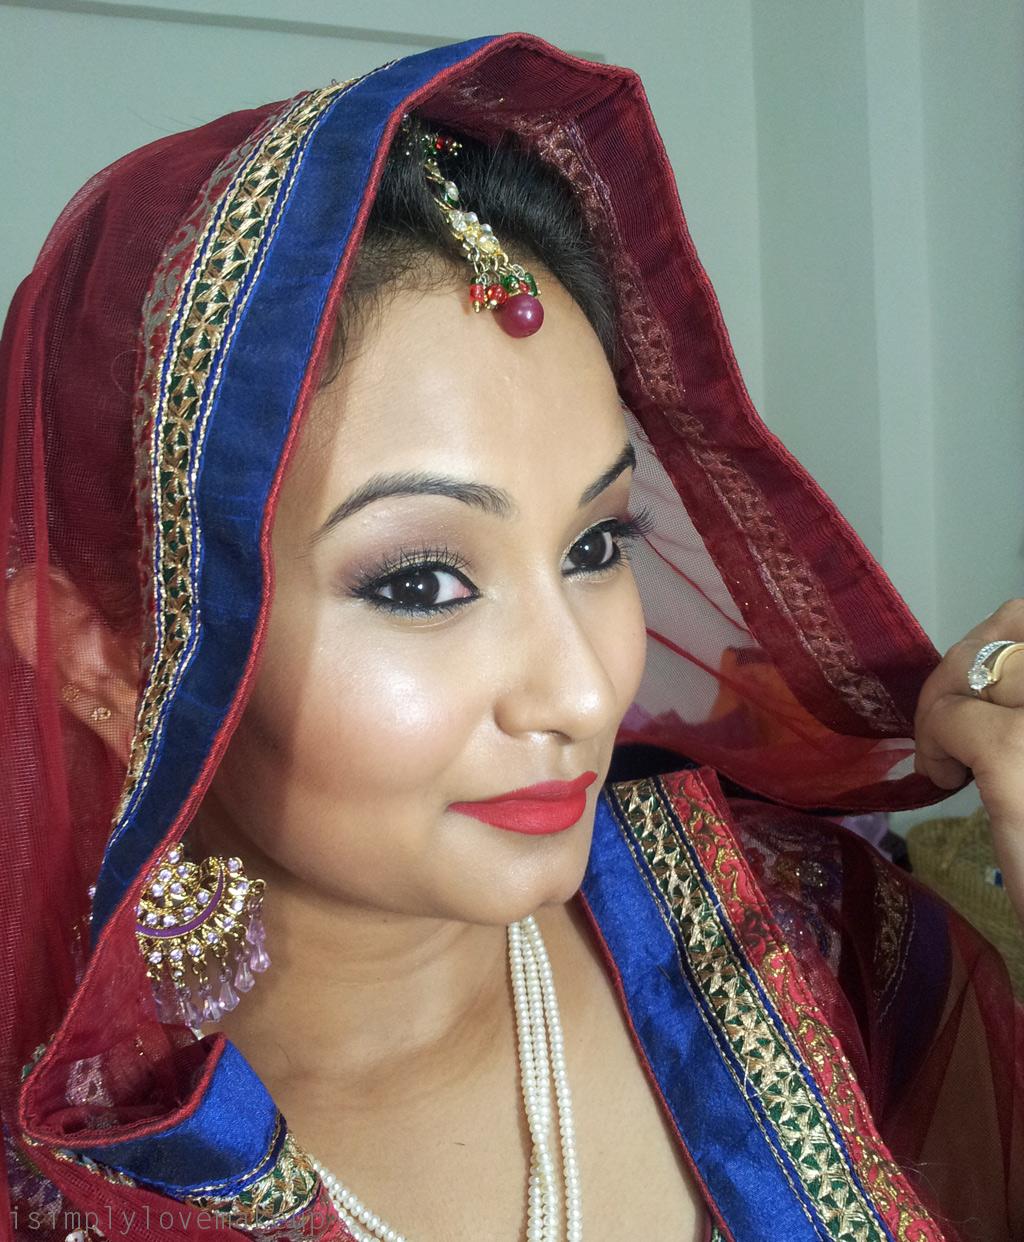 Indian Wedding Makeup: Bridal Beauty: Makeup For An Indian (Night) Wedding